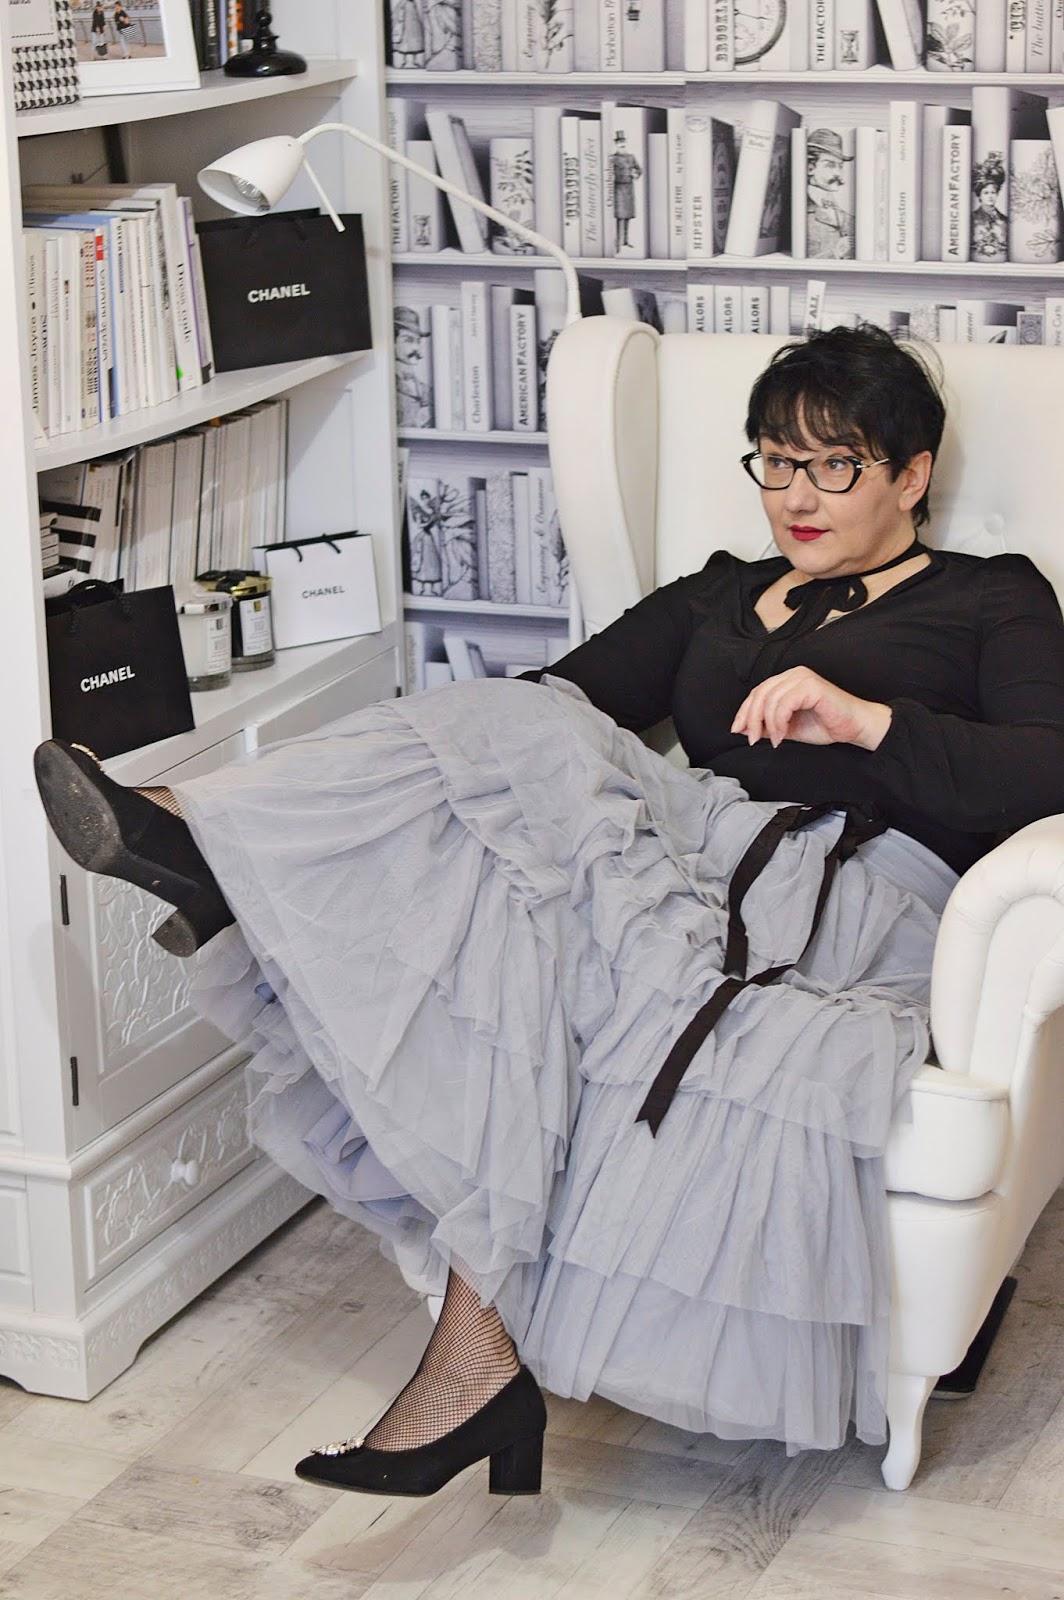 Tulle skirt, maxi skirt, glamour style